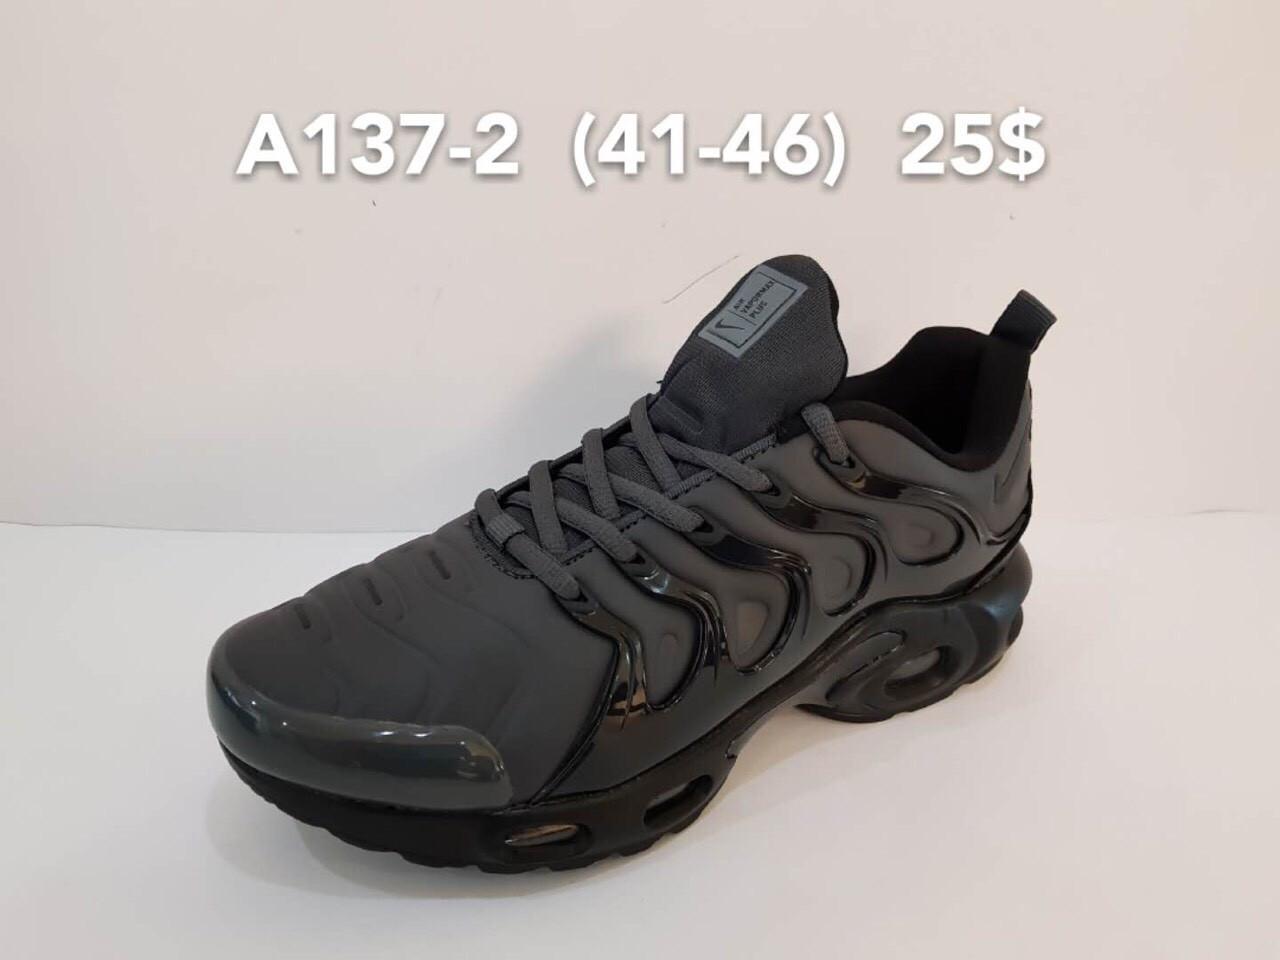 9b25d9a2 Кроссовки Nike (41-46): продажа, цена в Одессе. кроссовки, кеды ...